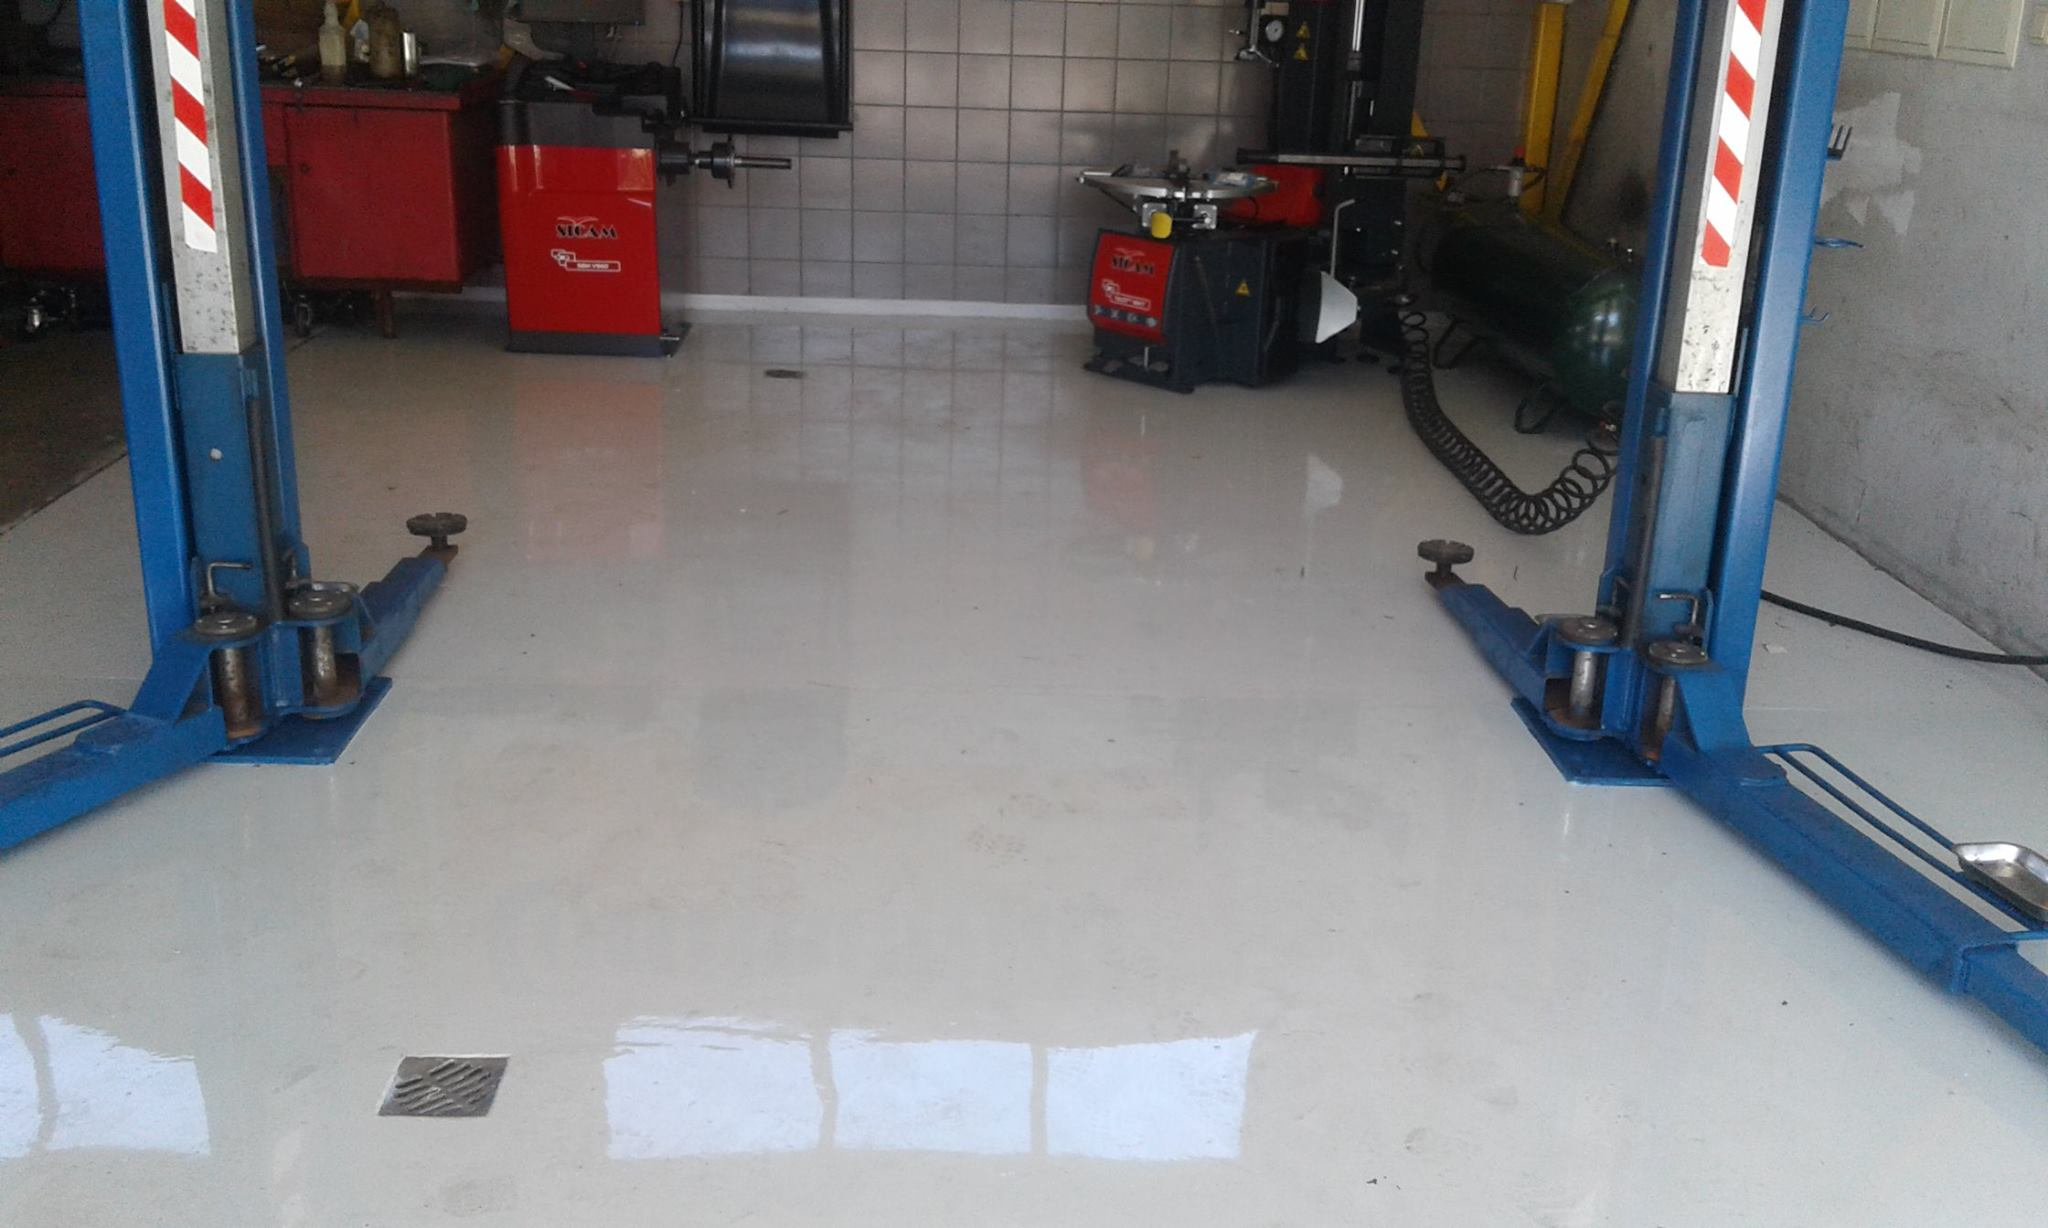 Epoksīda grīda autostāvvietām